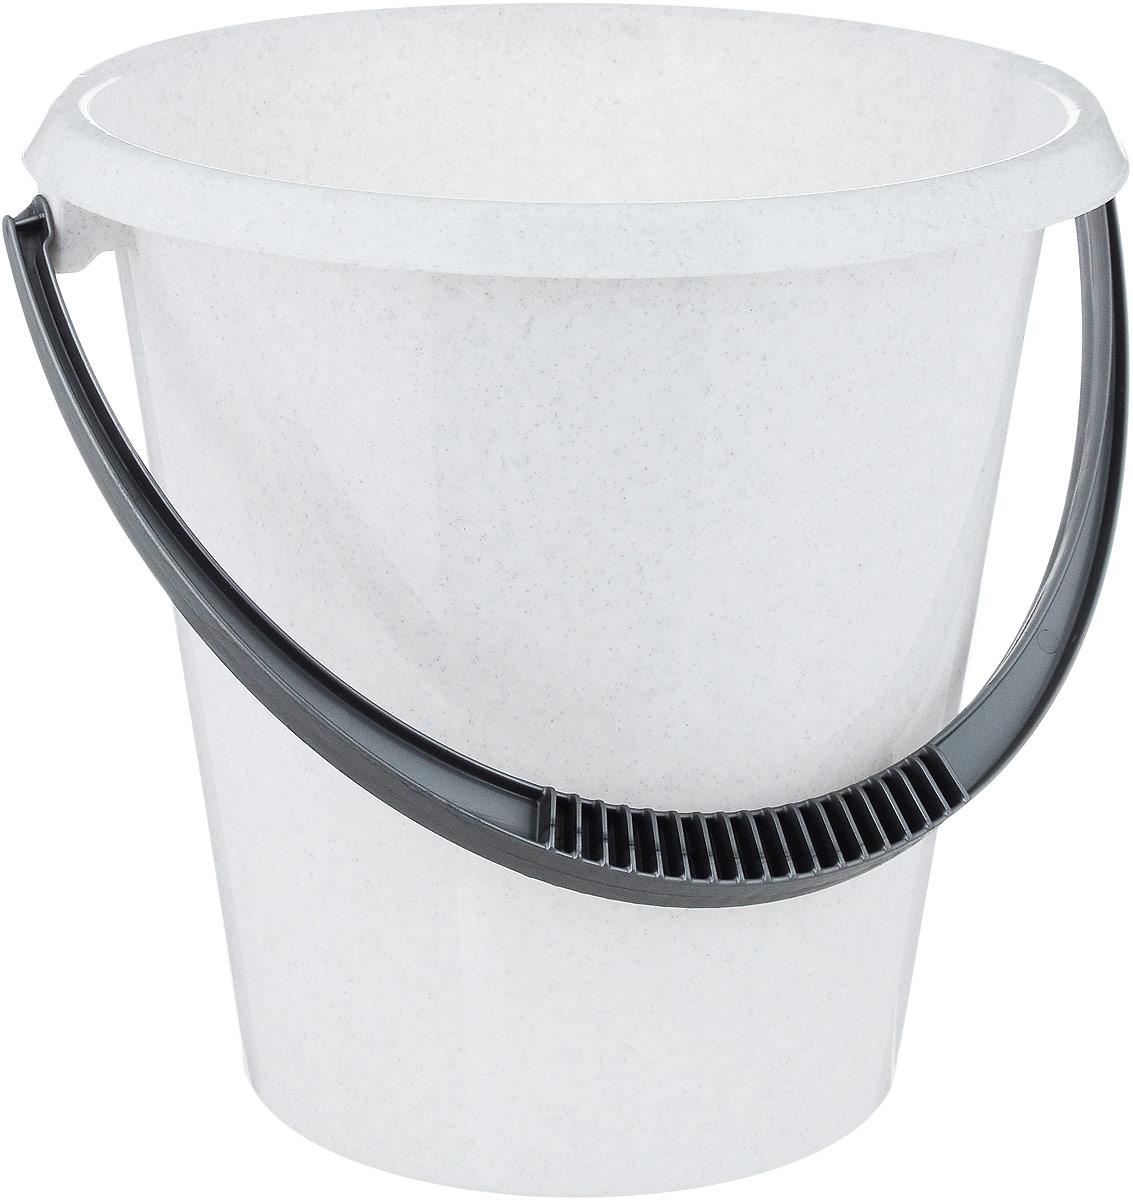 Ведро хозяйственное Idea, цвет: мраморный, 7 л мыльница verran luna